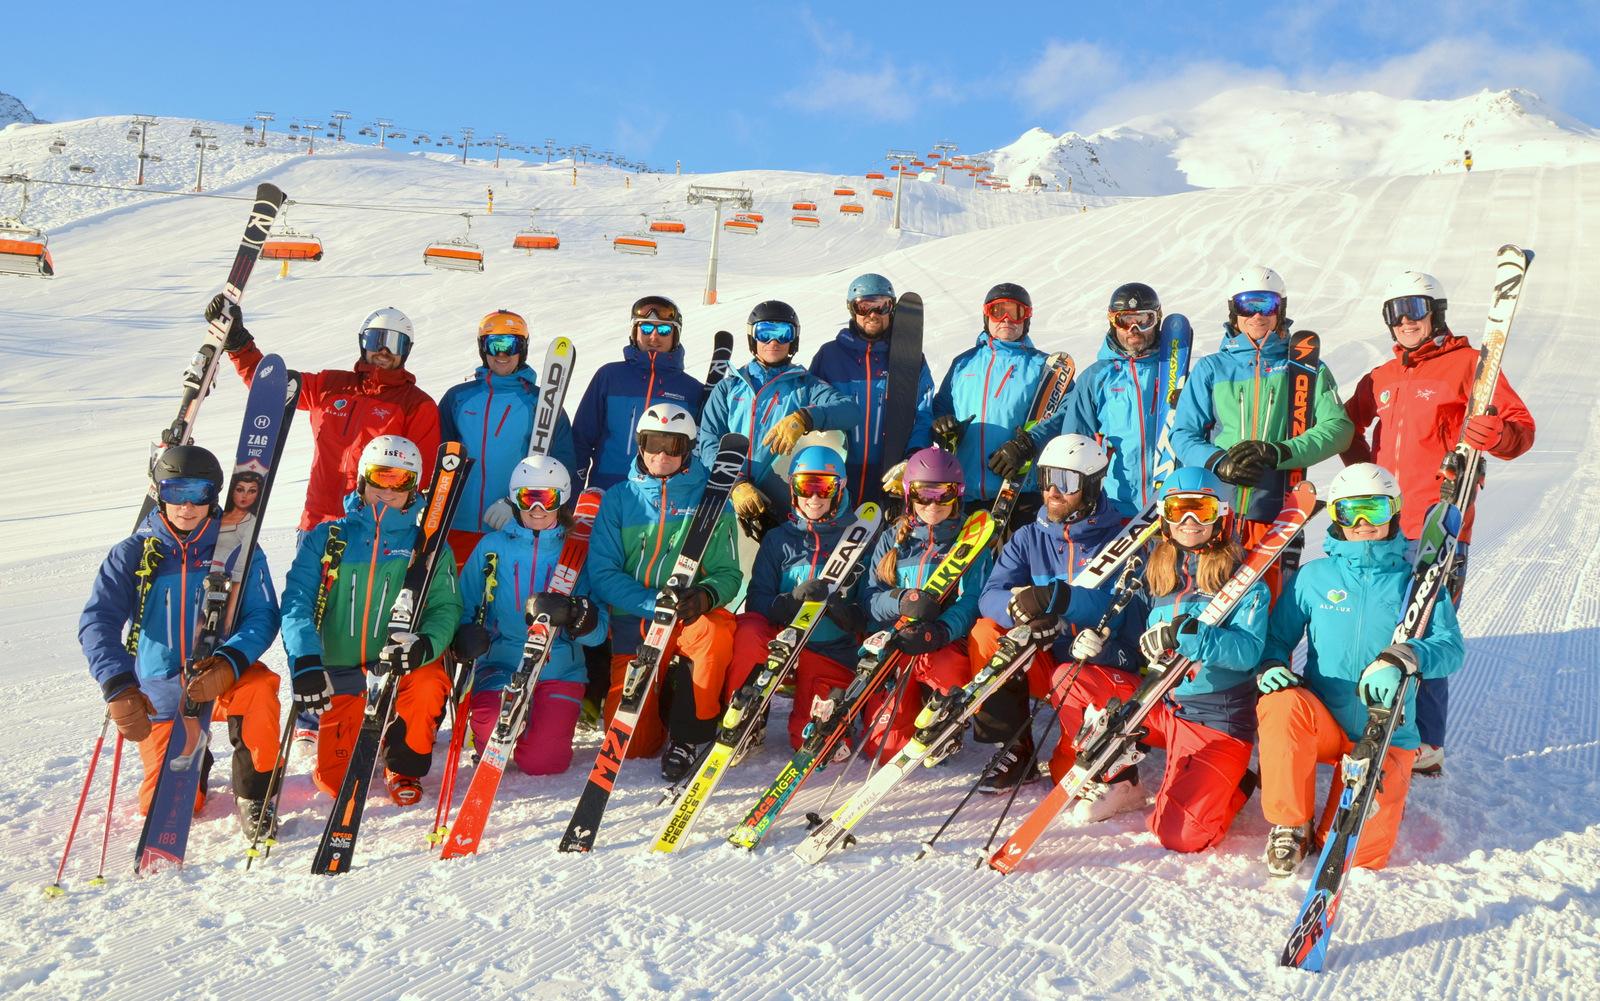 Skischool_Soelden